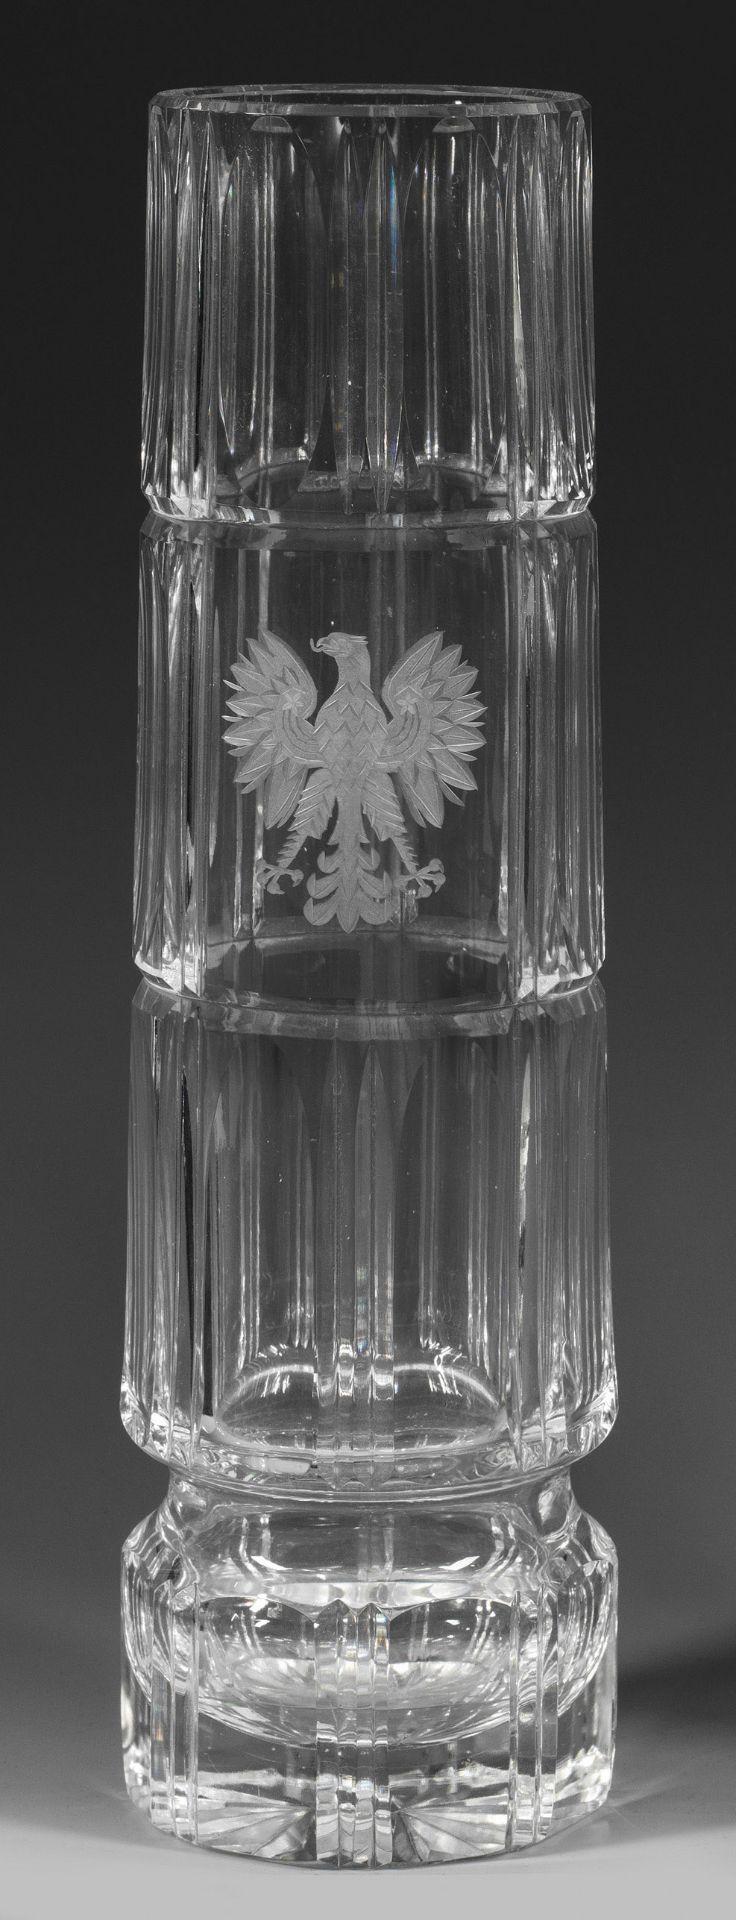 Große Bleikristall-Vase mit geschnittenem Adler-Motiv